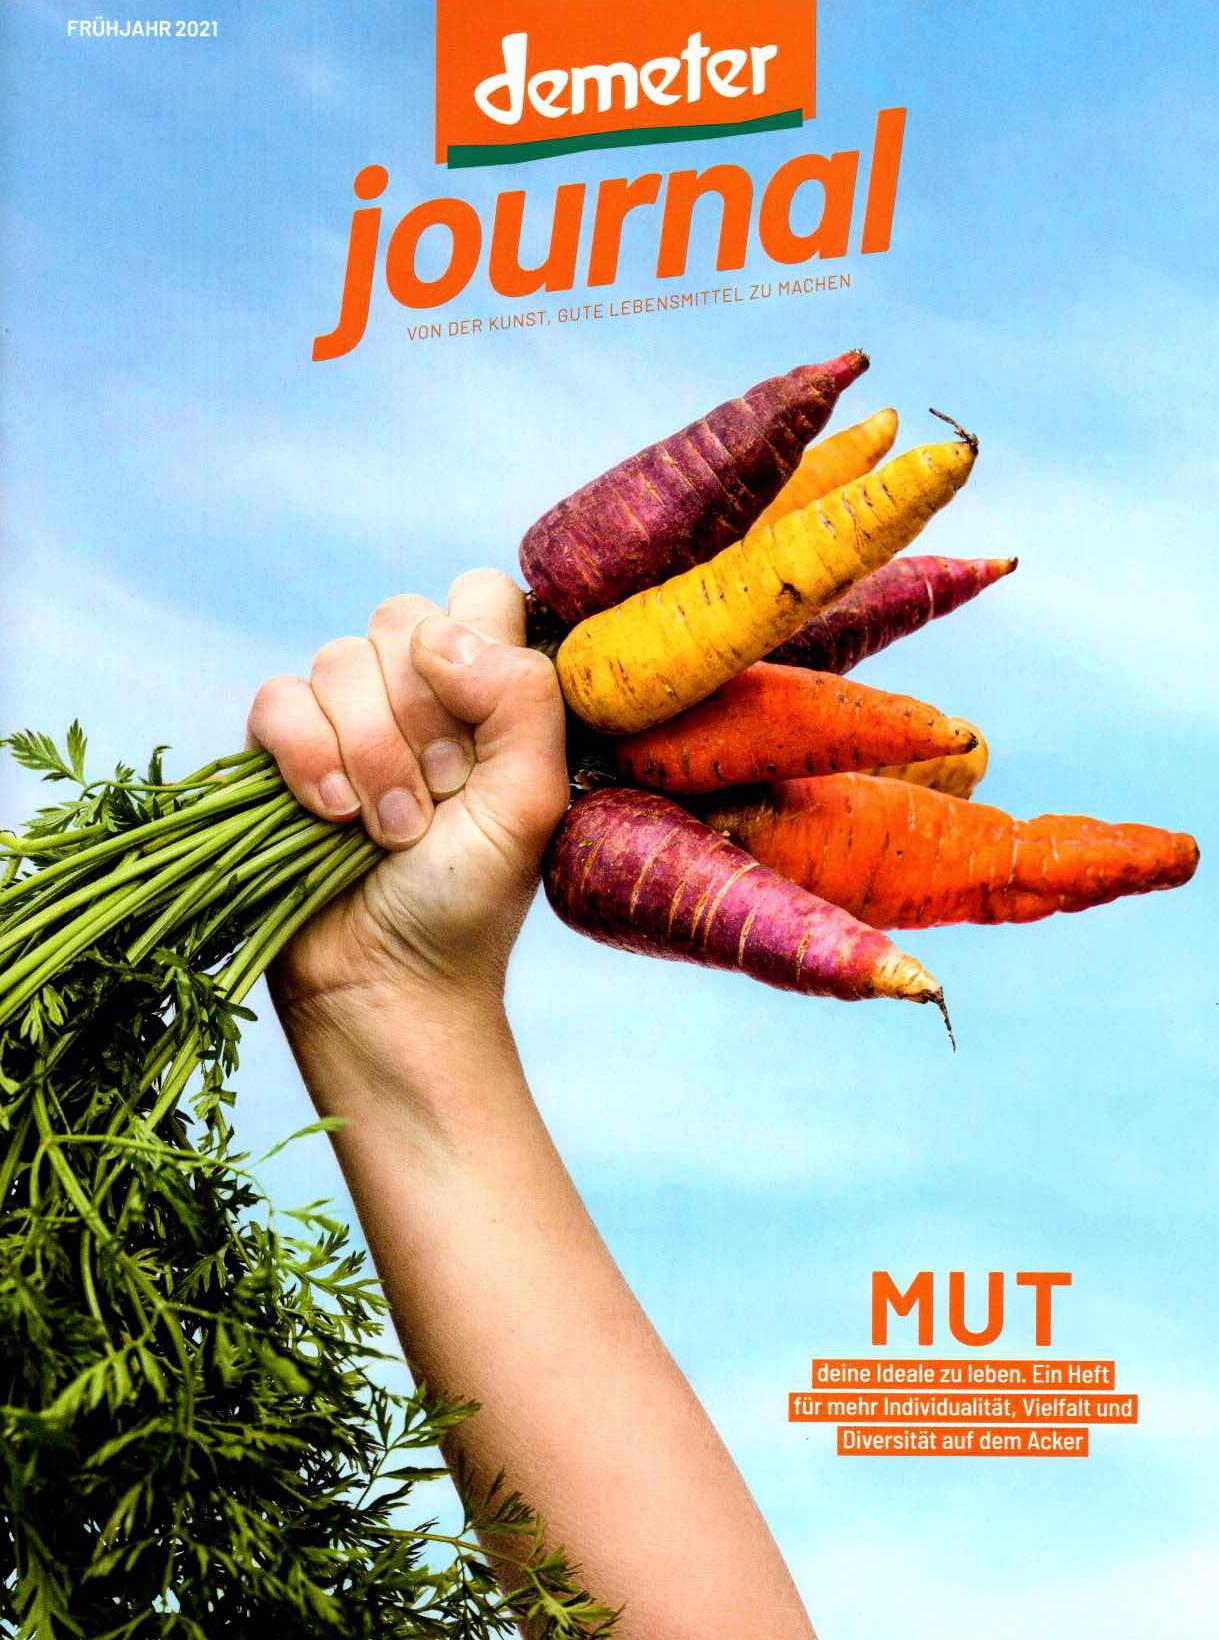 Demeter Journal Frühjahr 2021